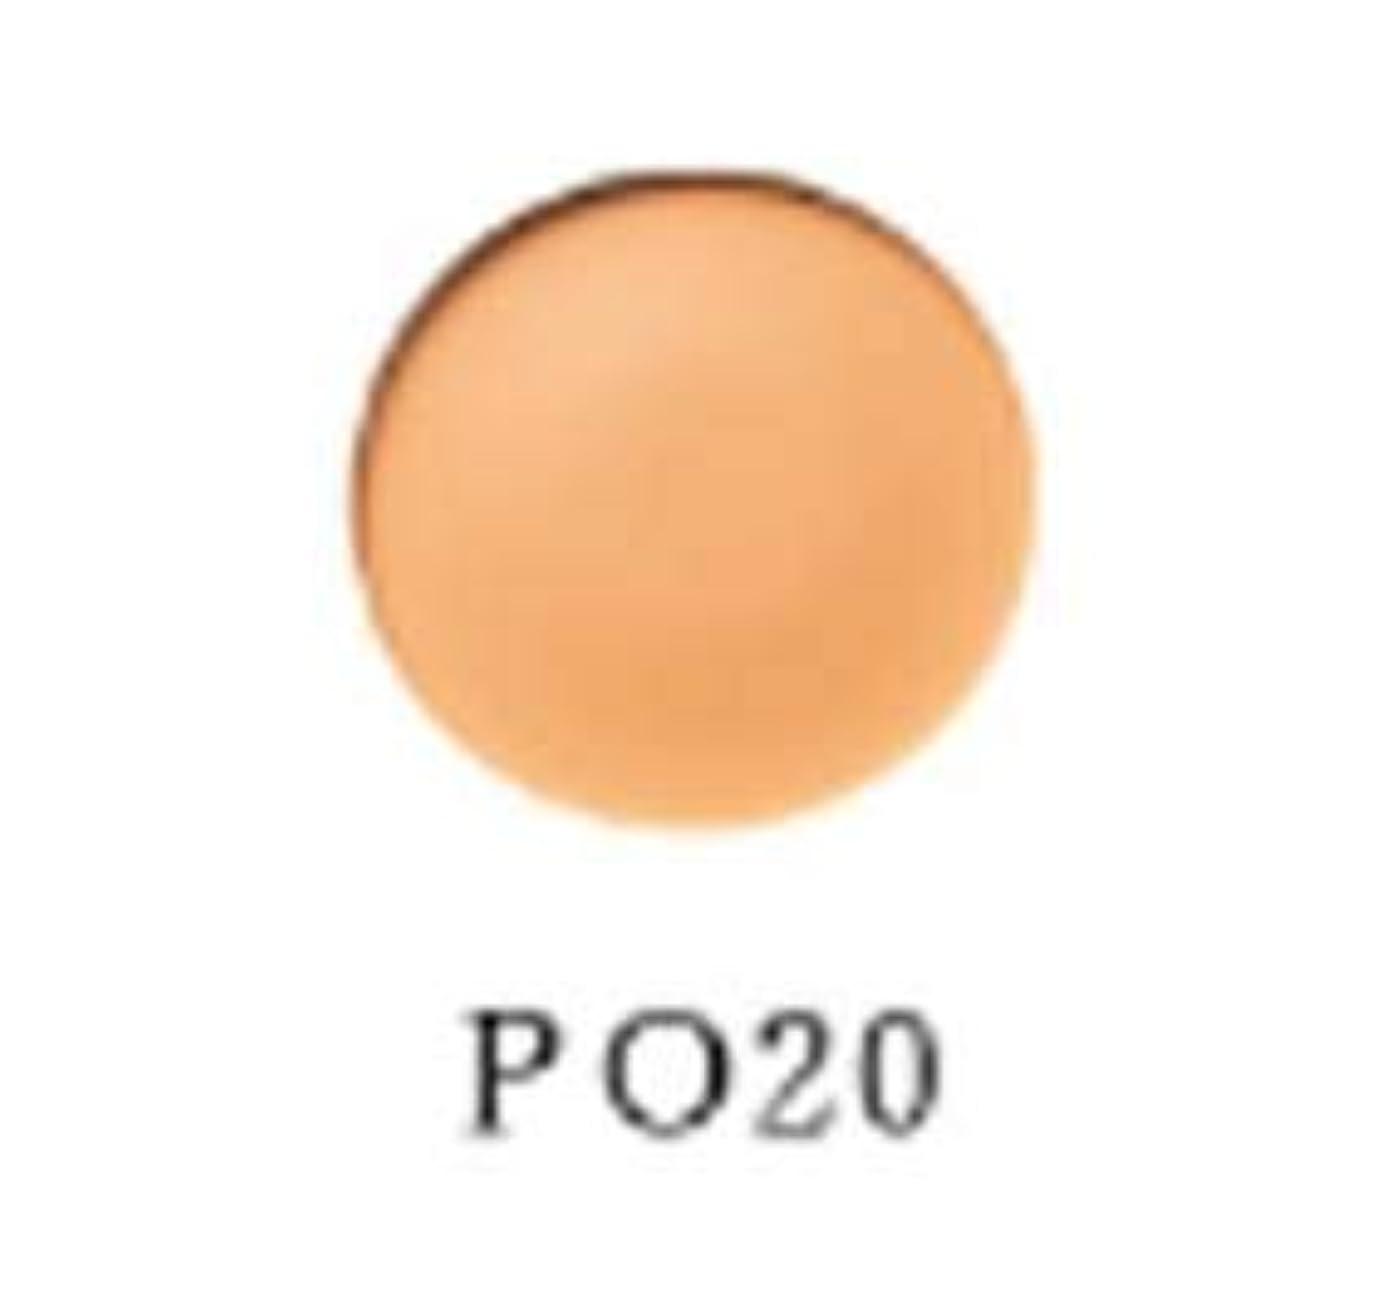 オリリー スーペリア カバー EX (ファンデーション)リフィル (PO20)